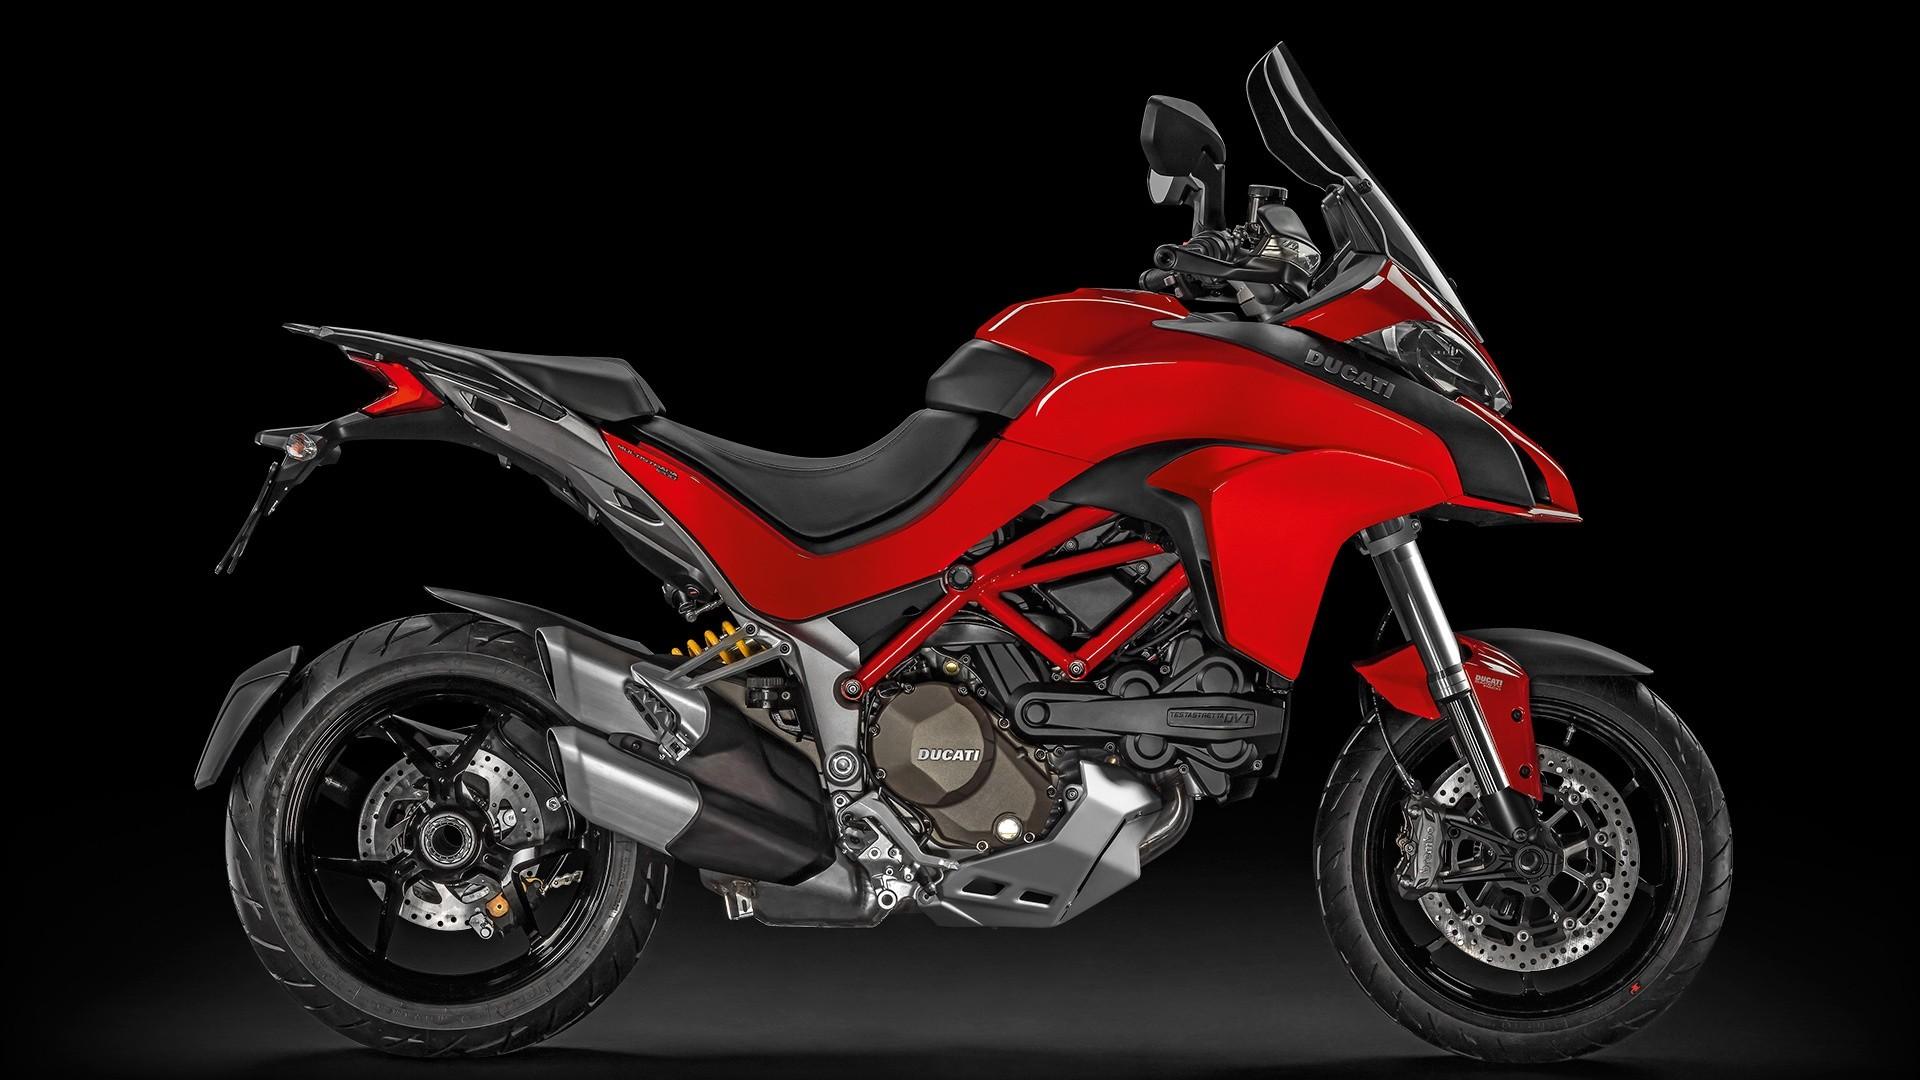 2018 Ducati Multistrada 1260 Review • Total Motorcycle